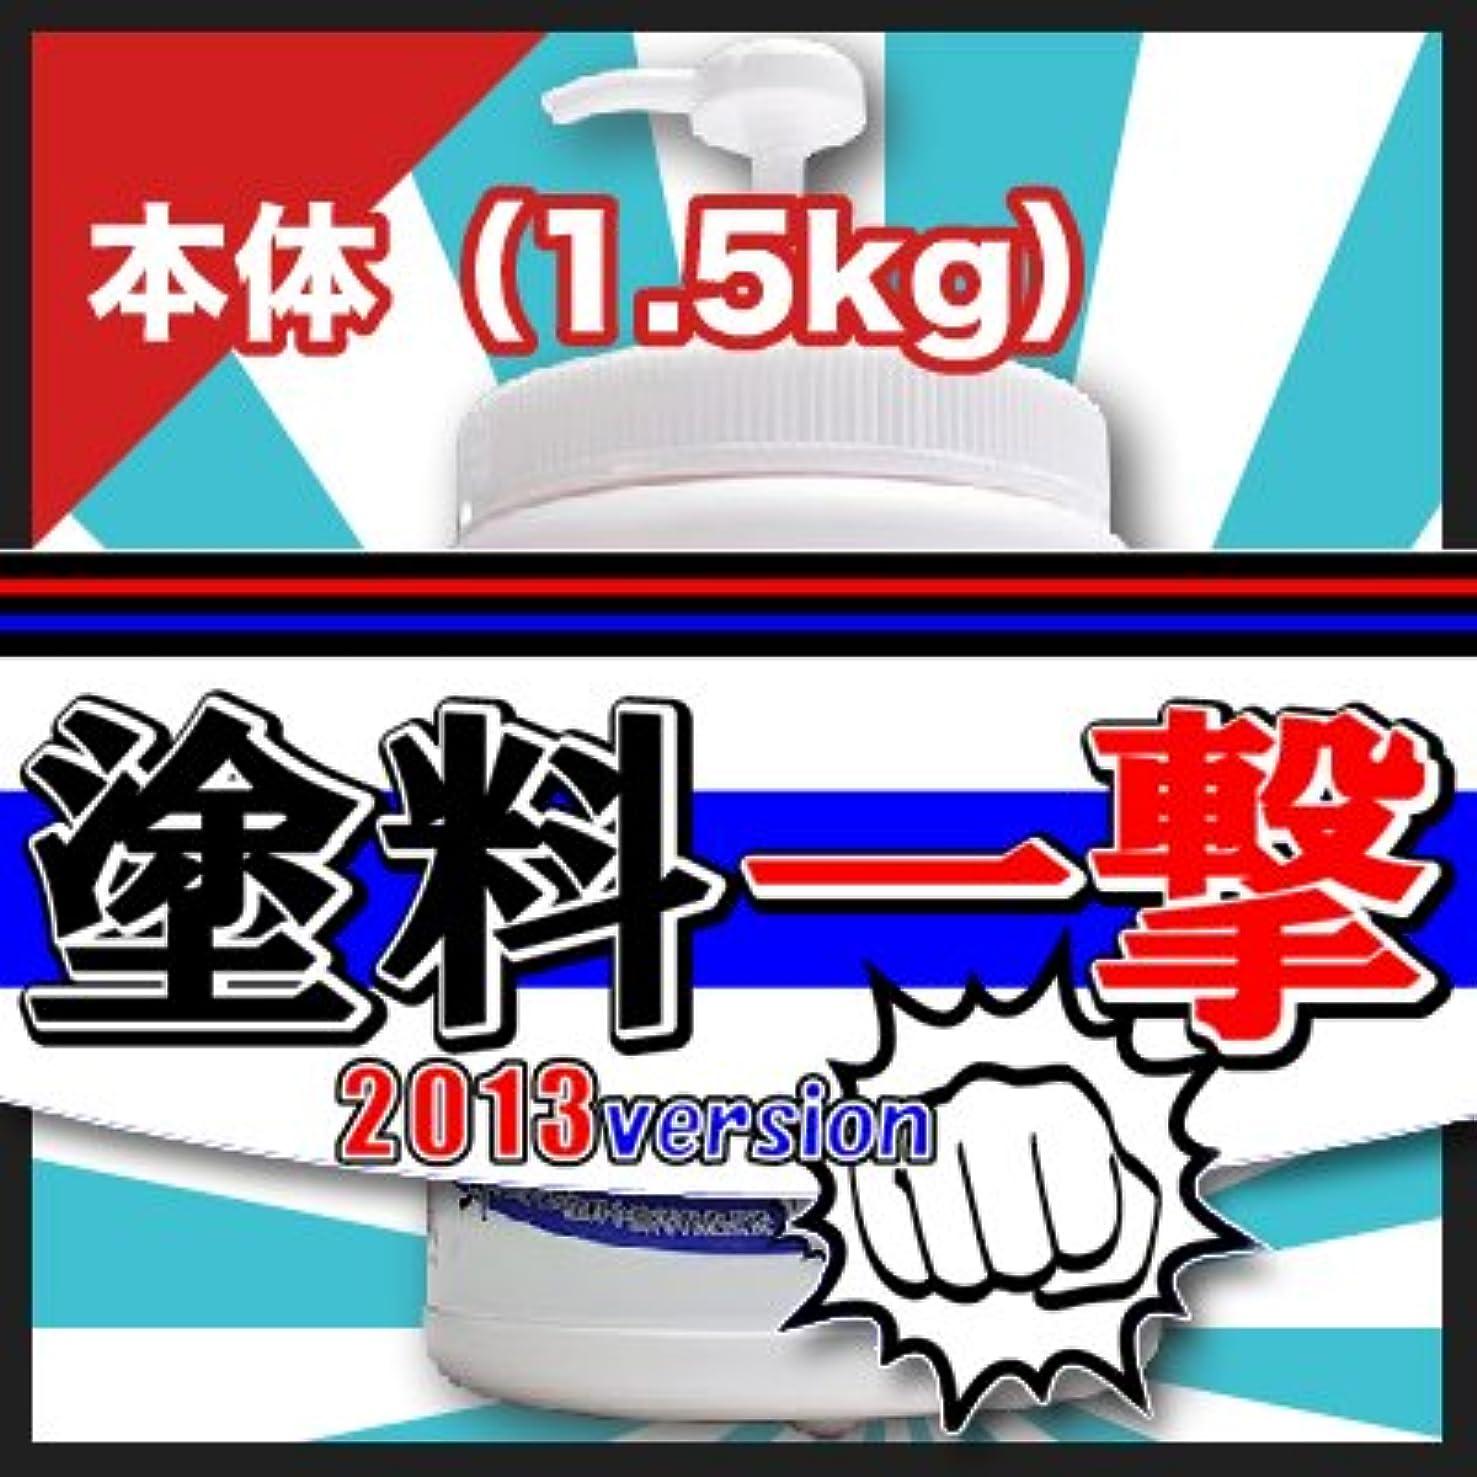 懐発行する貝殻D.Iプランニング 塗料一撃 2013 Version 本体 (1.5kg)